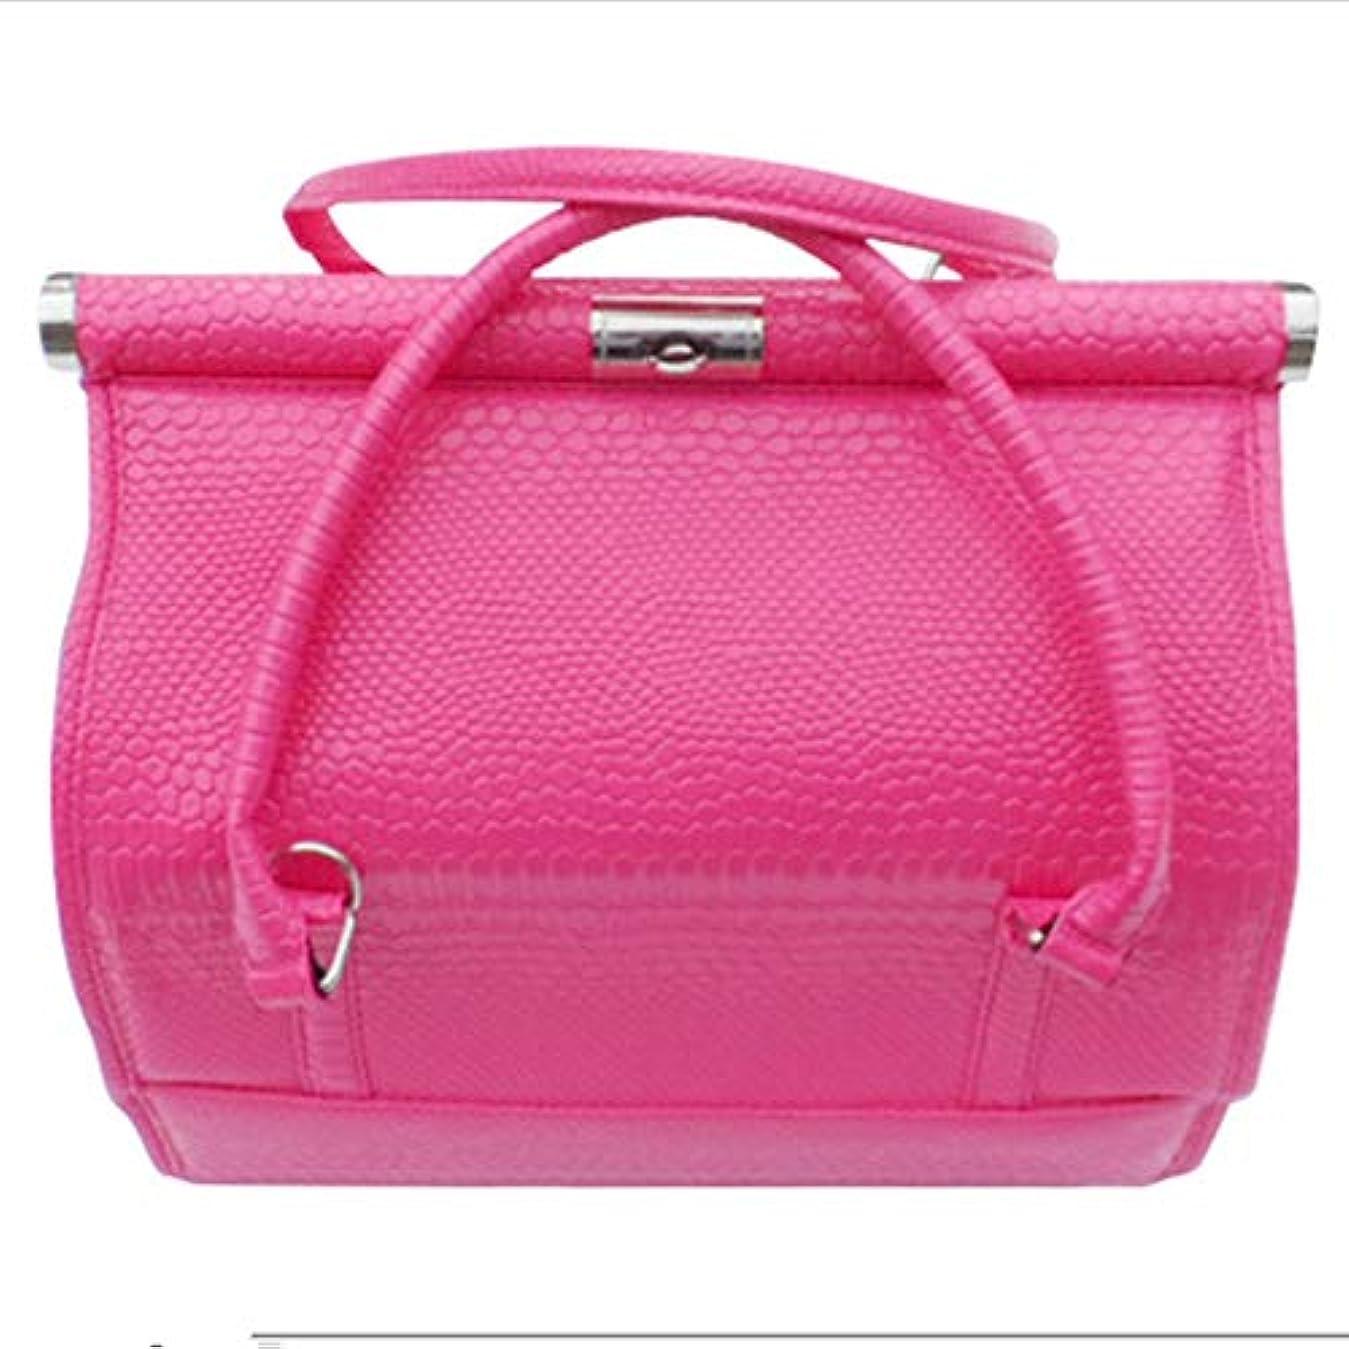 動アプライアンス軽減する化粧オーガナイザーバッグ 女性の女性のための美容メイクアップのためのポータブル化粧品バッグ旅行と折り畳みトレイで毎日のストレージ 化粧品ケース